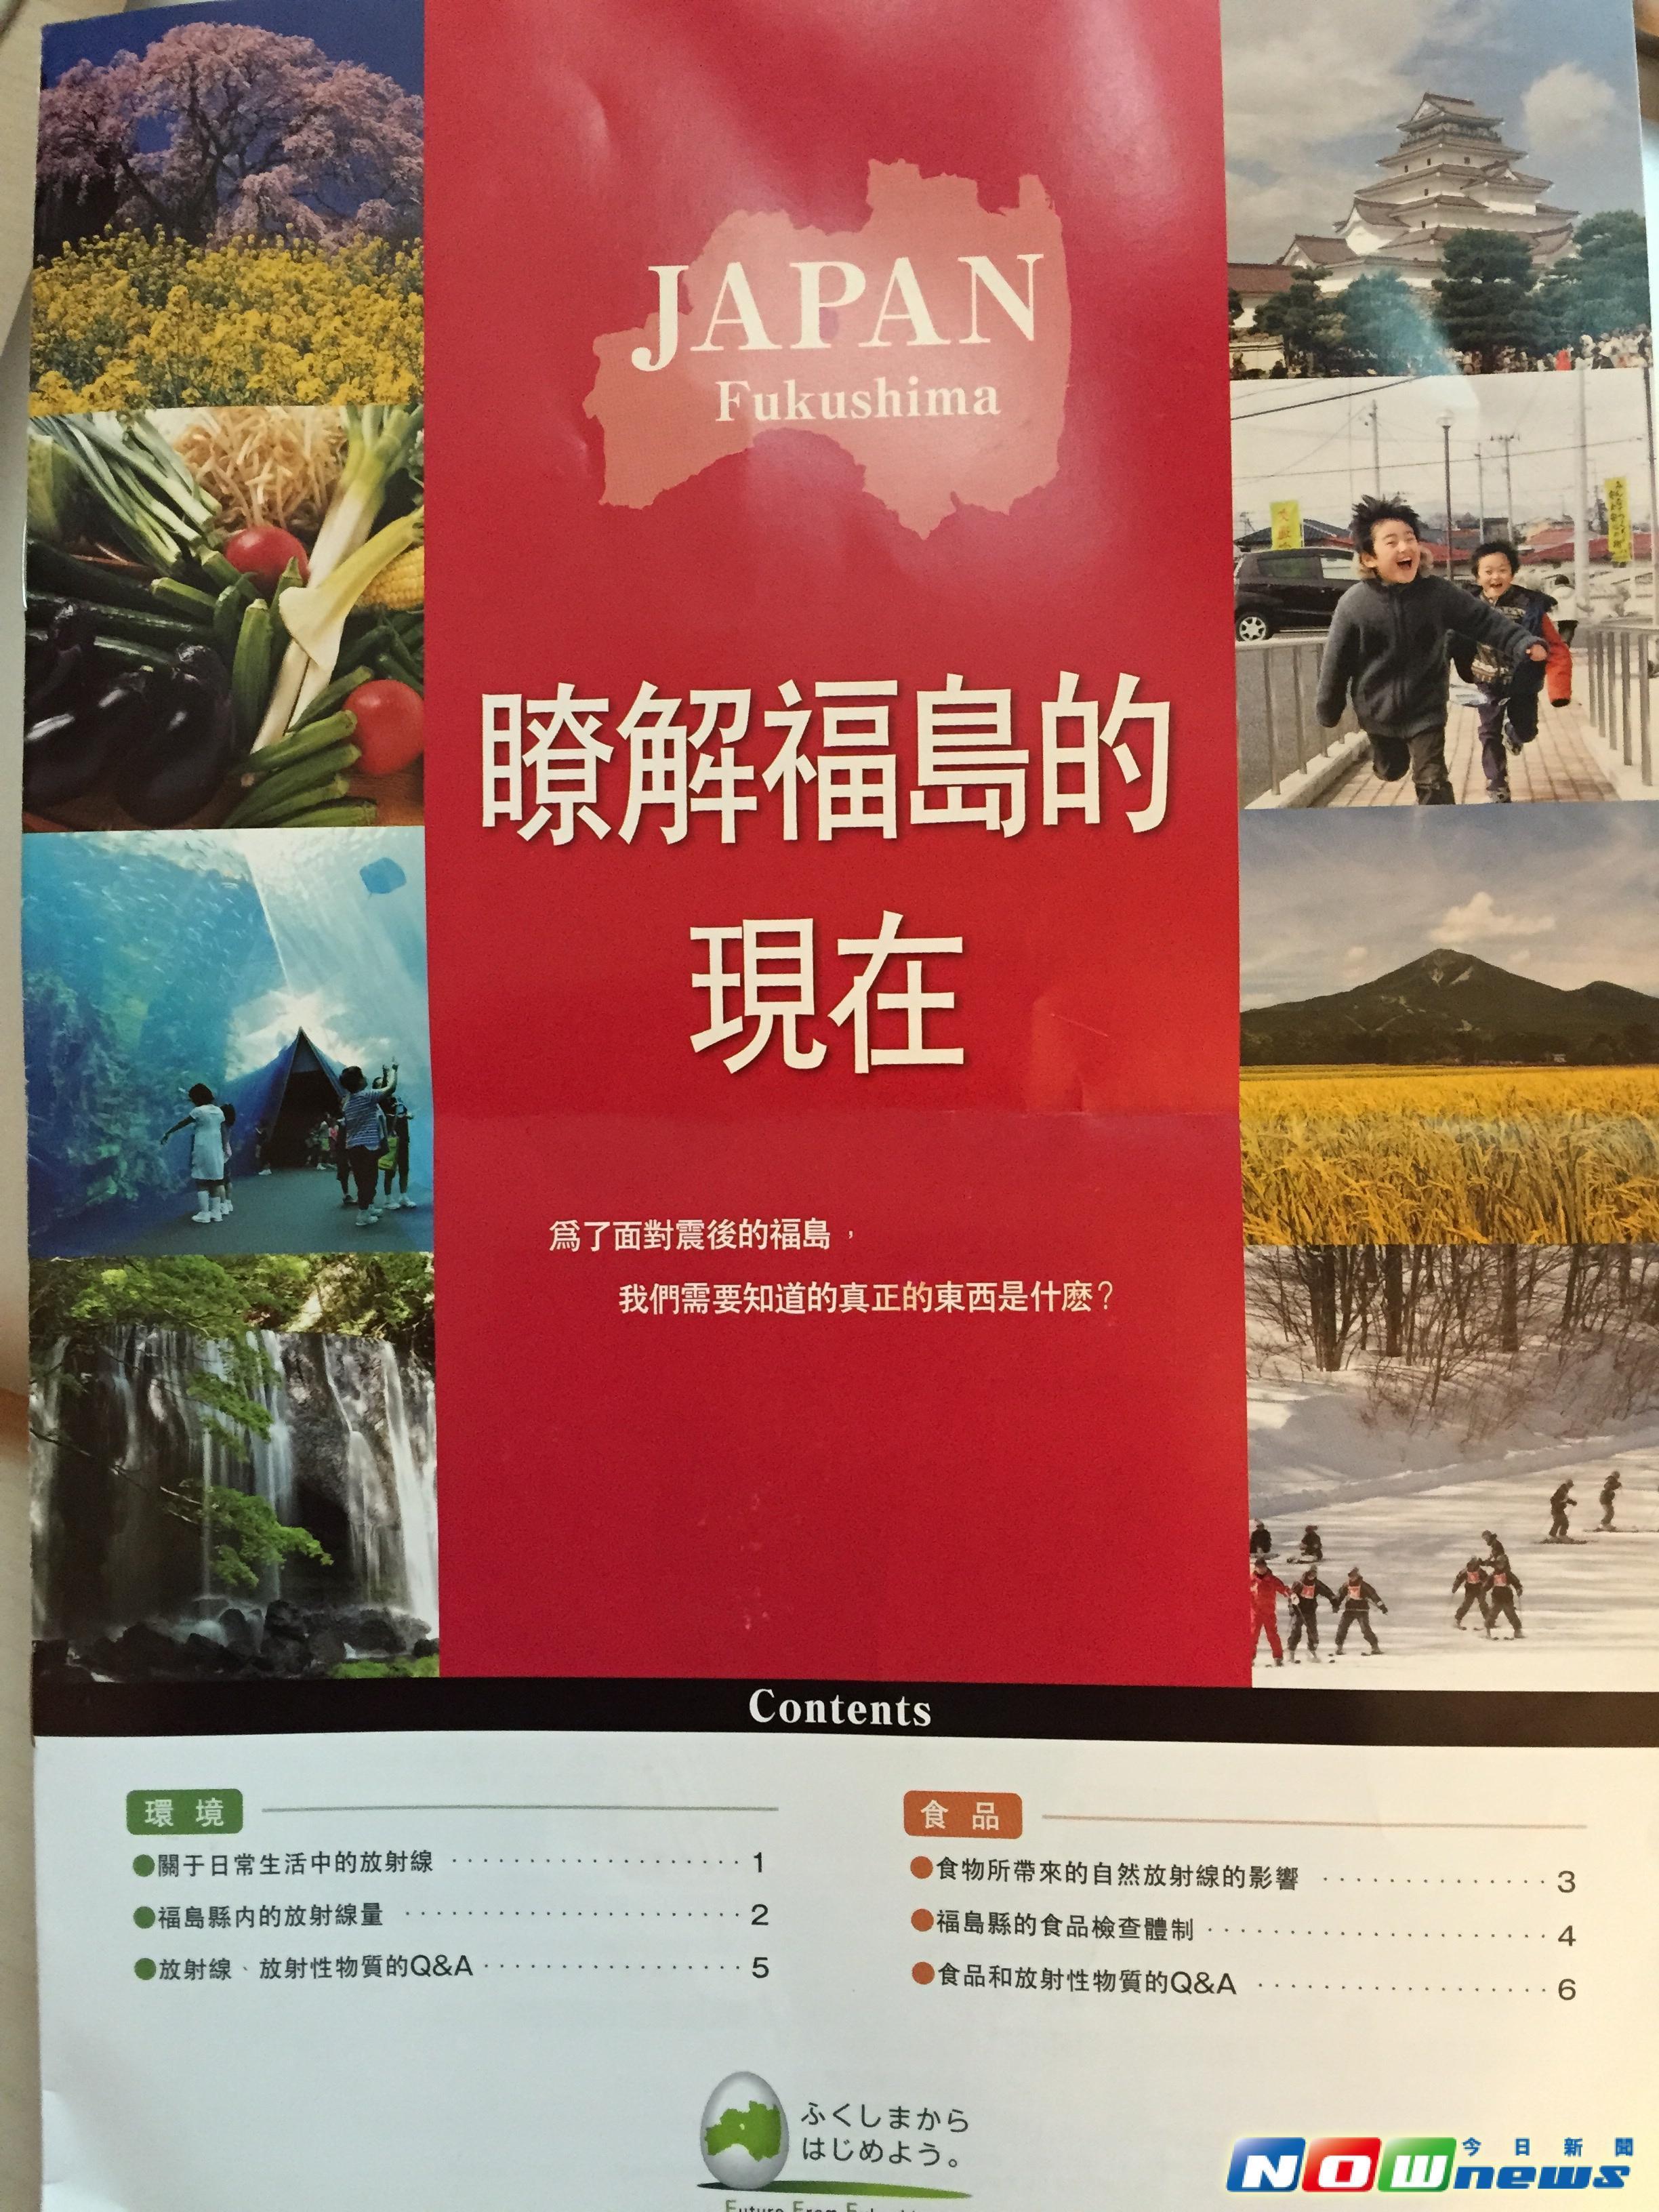 [新聞]  日本福島旅遊 挑戰旅客信心!是「福」還是「輻」?